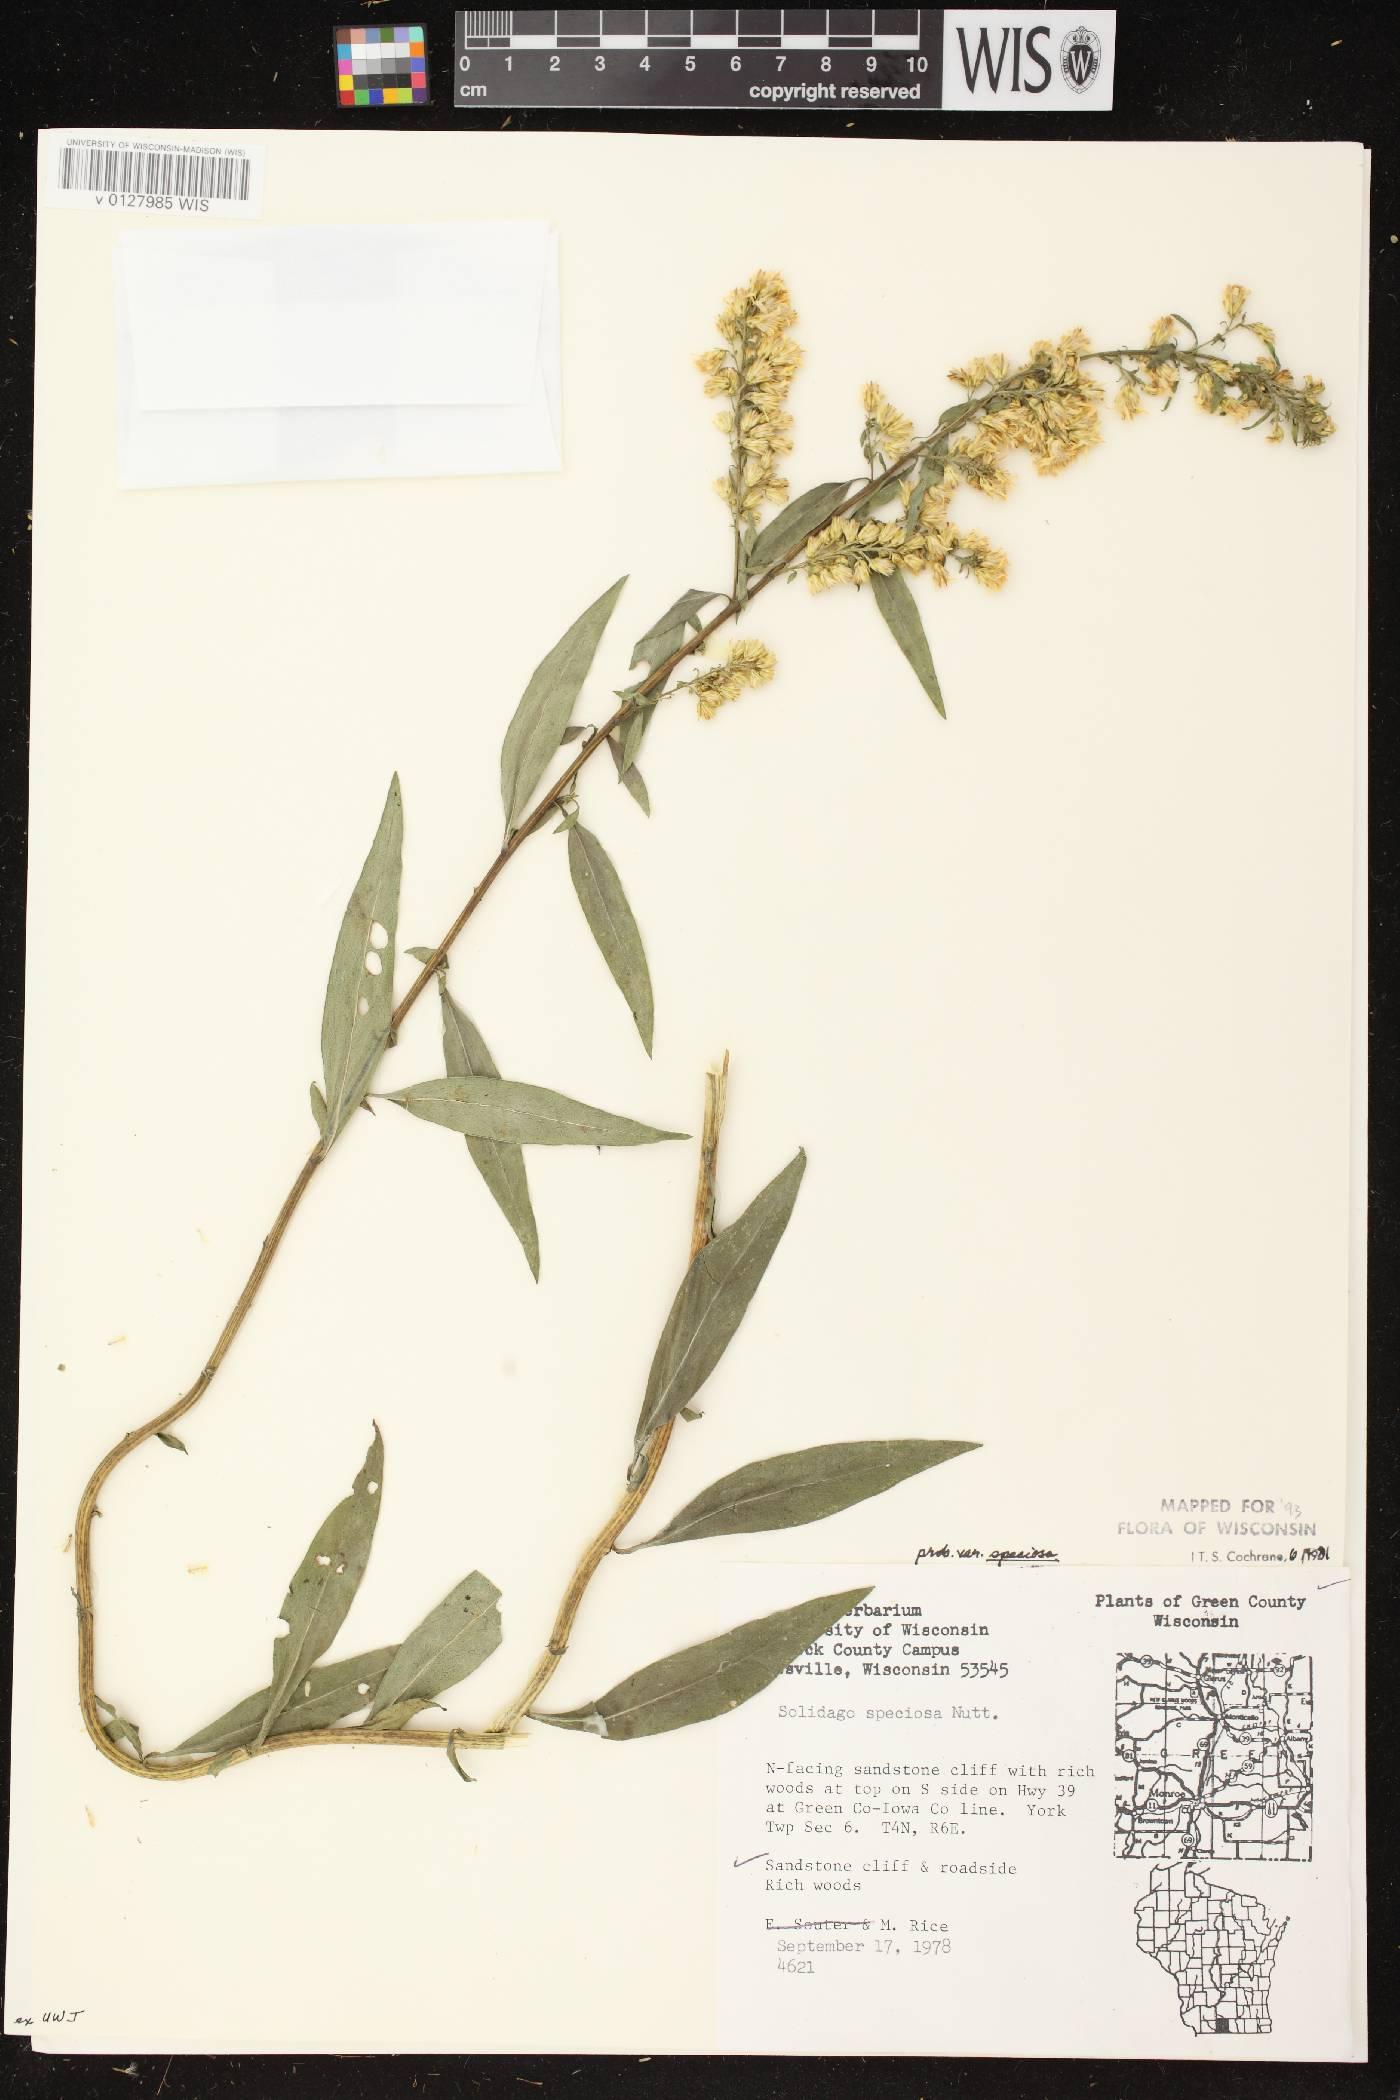 Solidago speciosa subsp. speciosa var. speciosa image